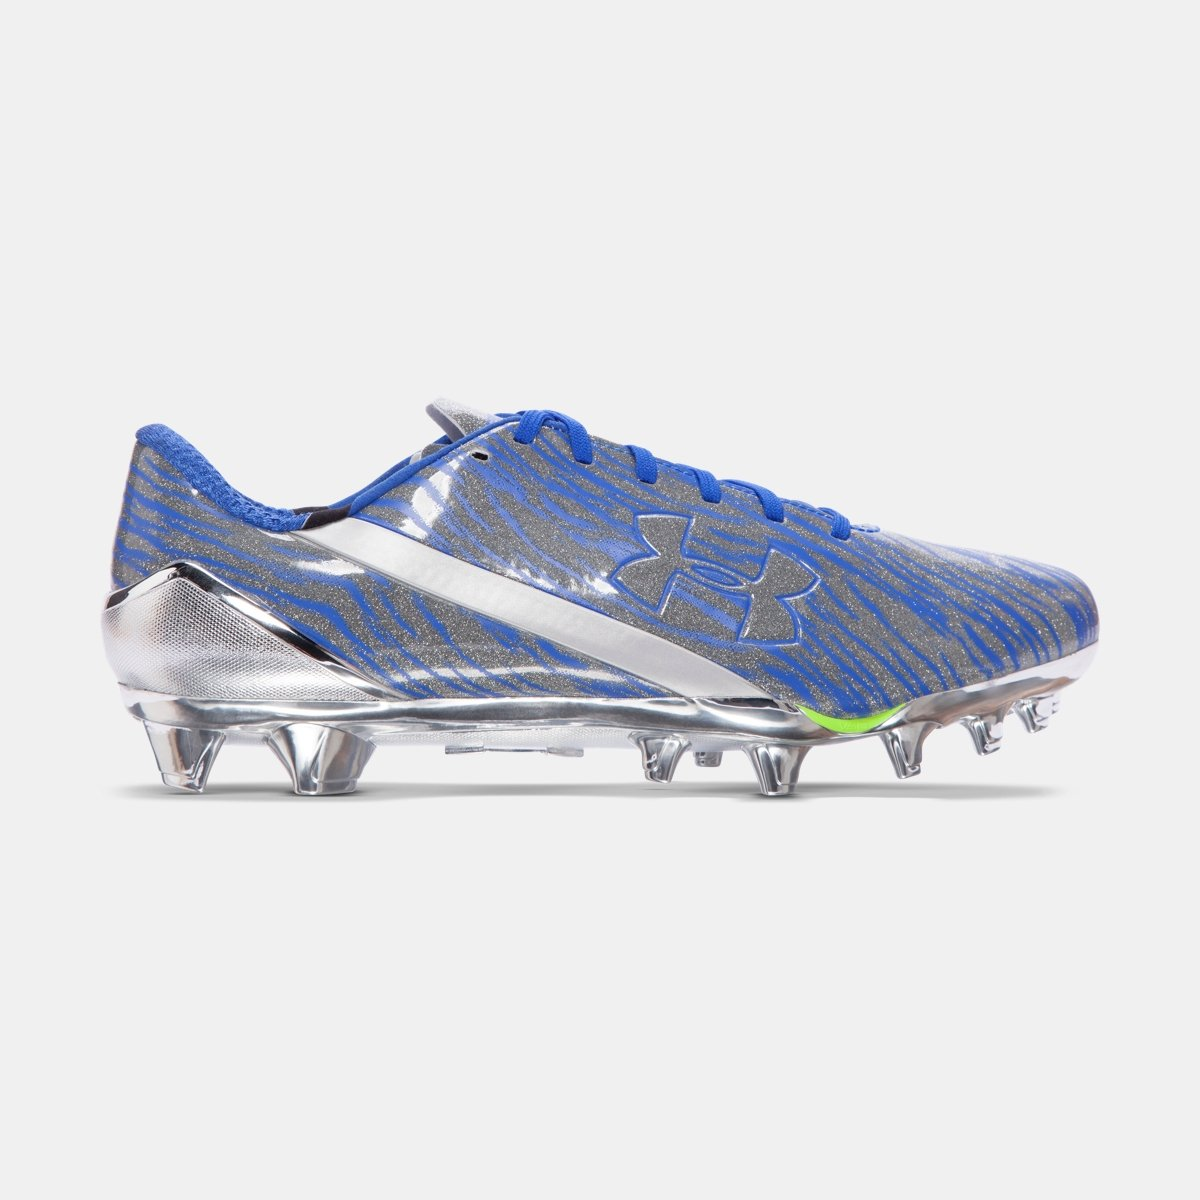 [アンダーアーマー] UNDER ARMOUR メンズ UA Spotlight Football Cleats カジュアル 8.5(26.5cm) [並行輸入品] B074WPMSMK